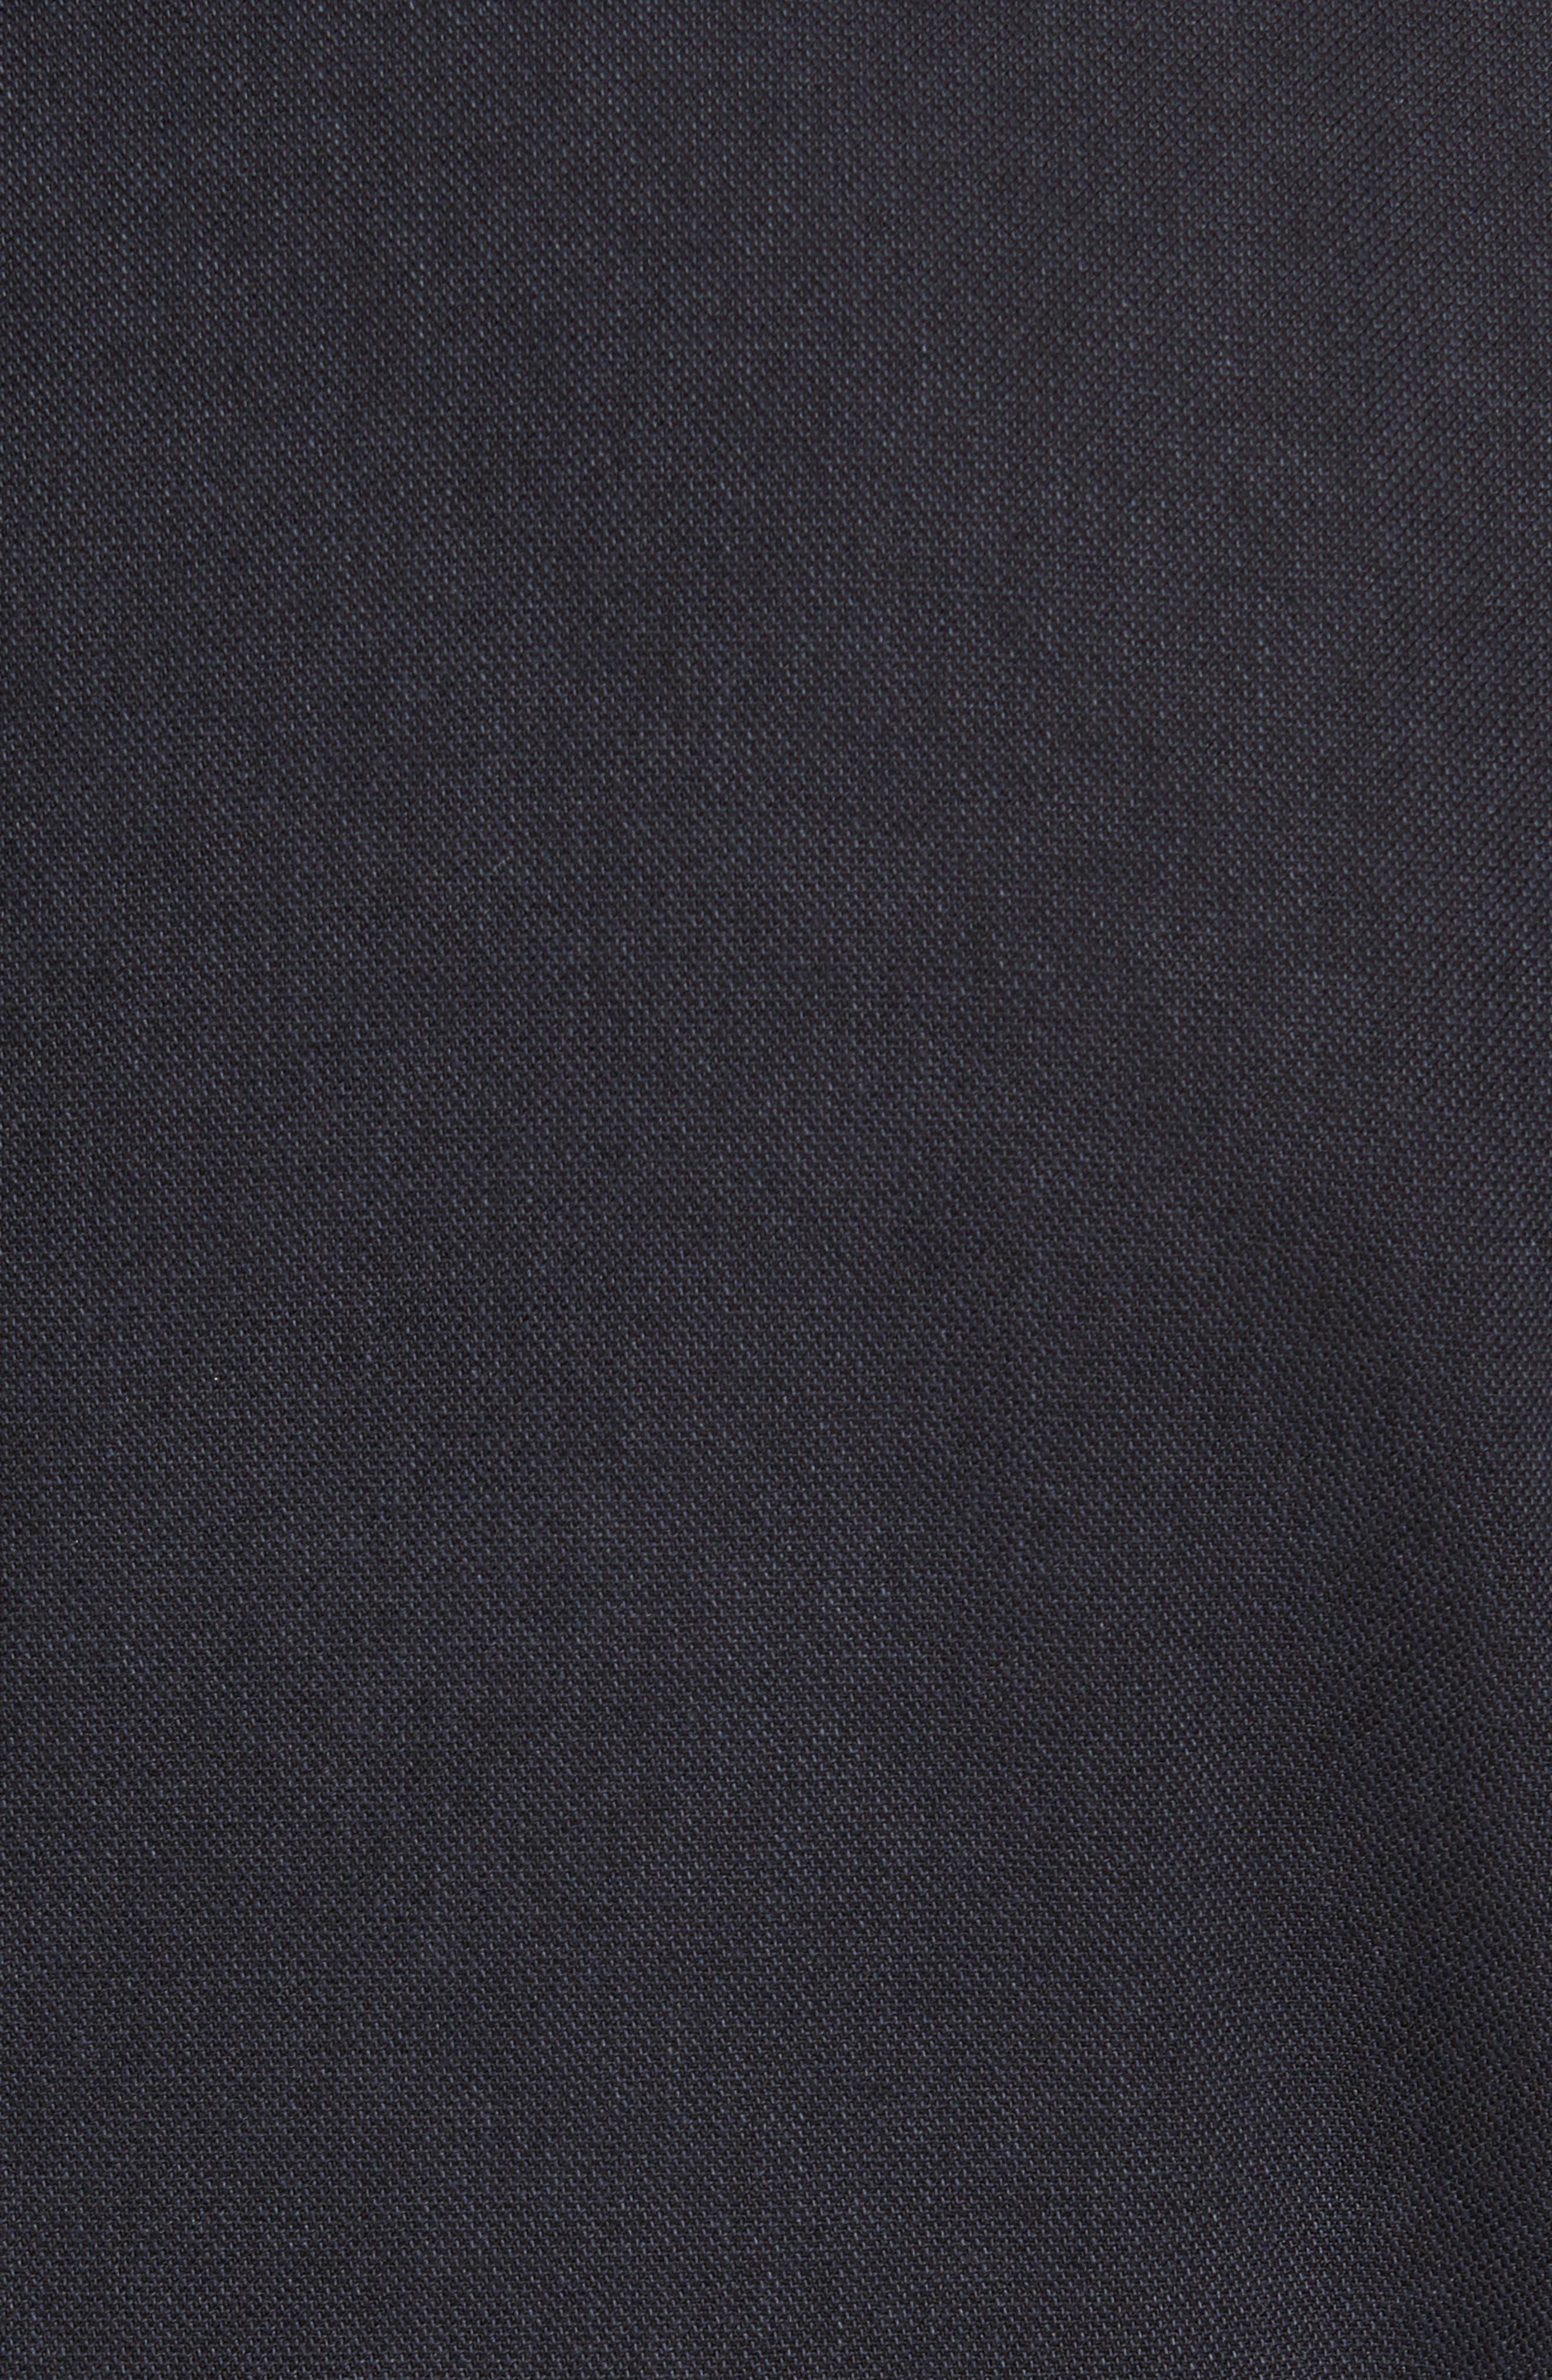 Classic Fit Cotton Blend Blazer,                             Alternate thumbnail 6, color,                             001